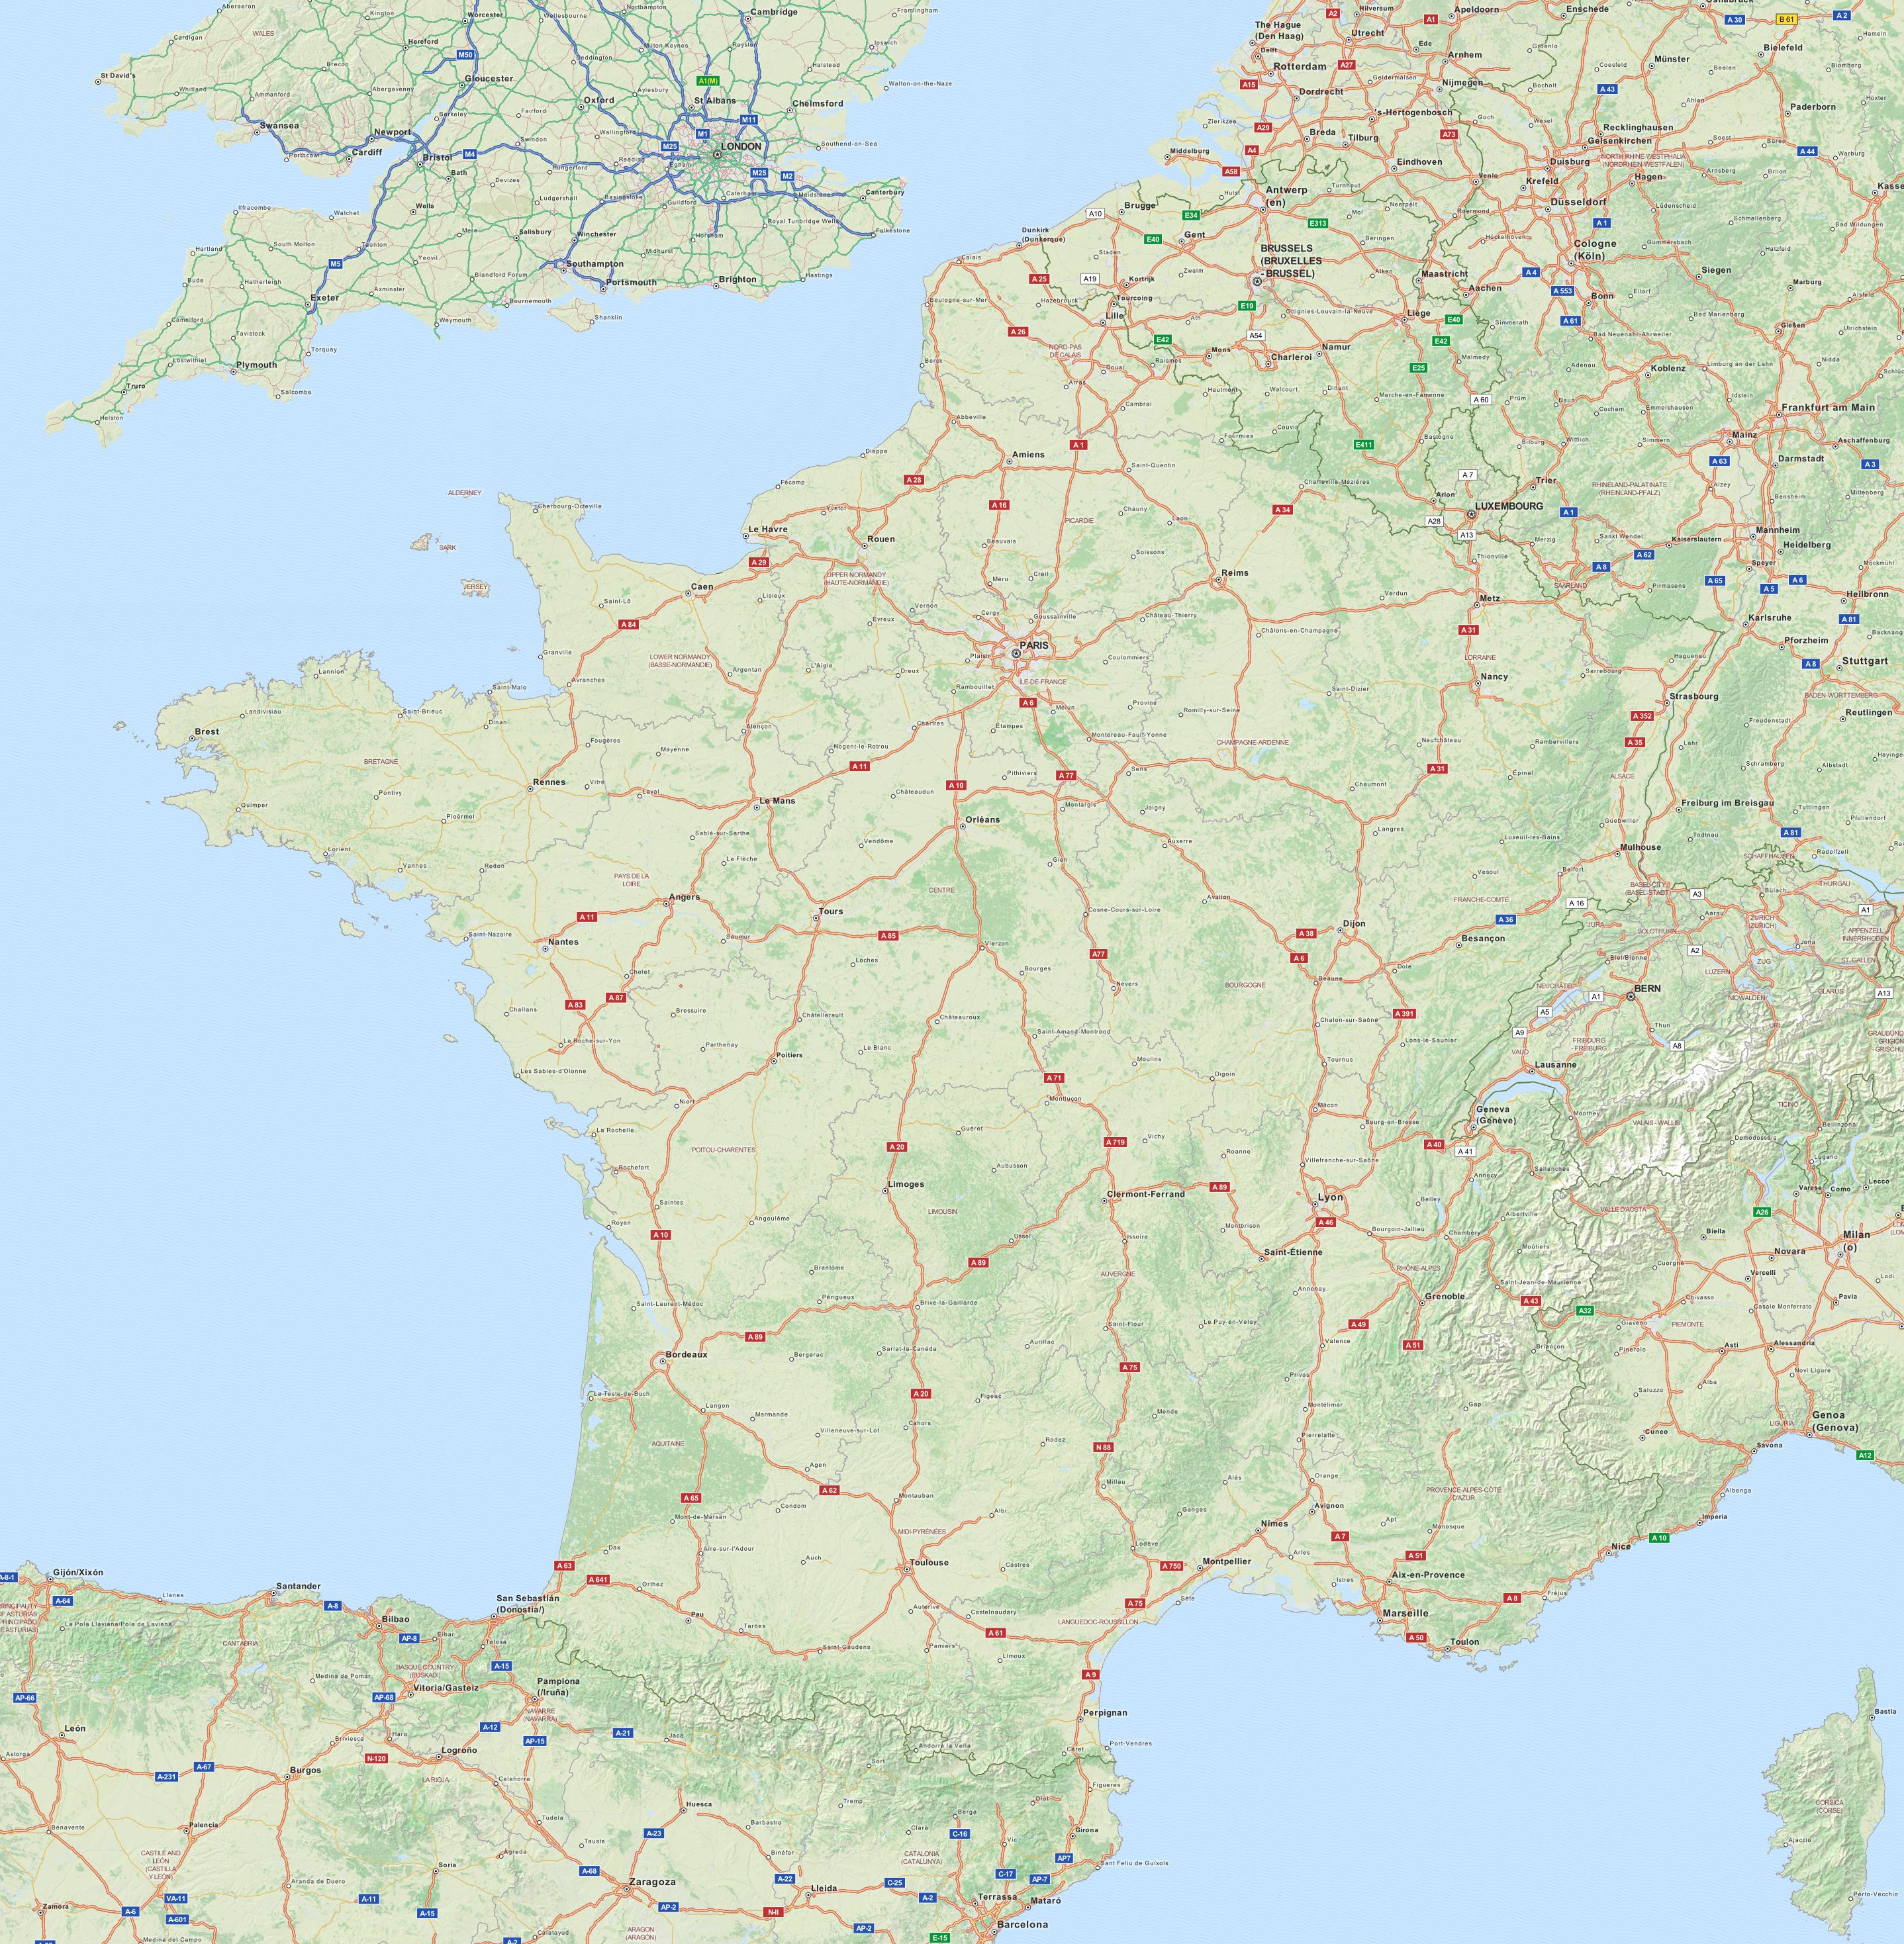 Carte routiere du sud ouest